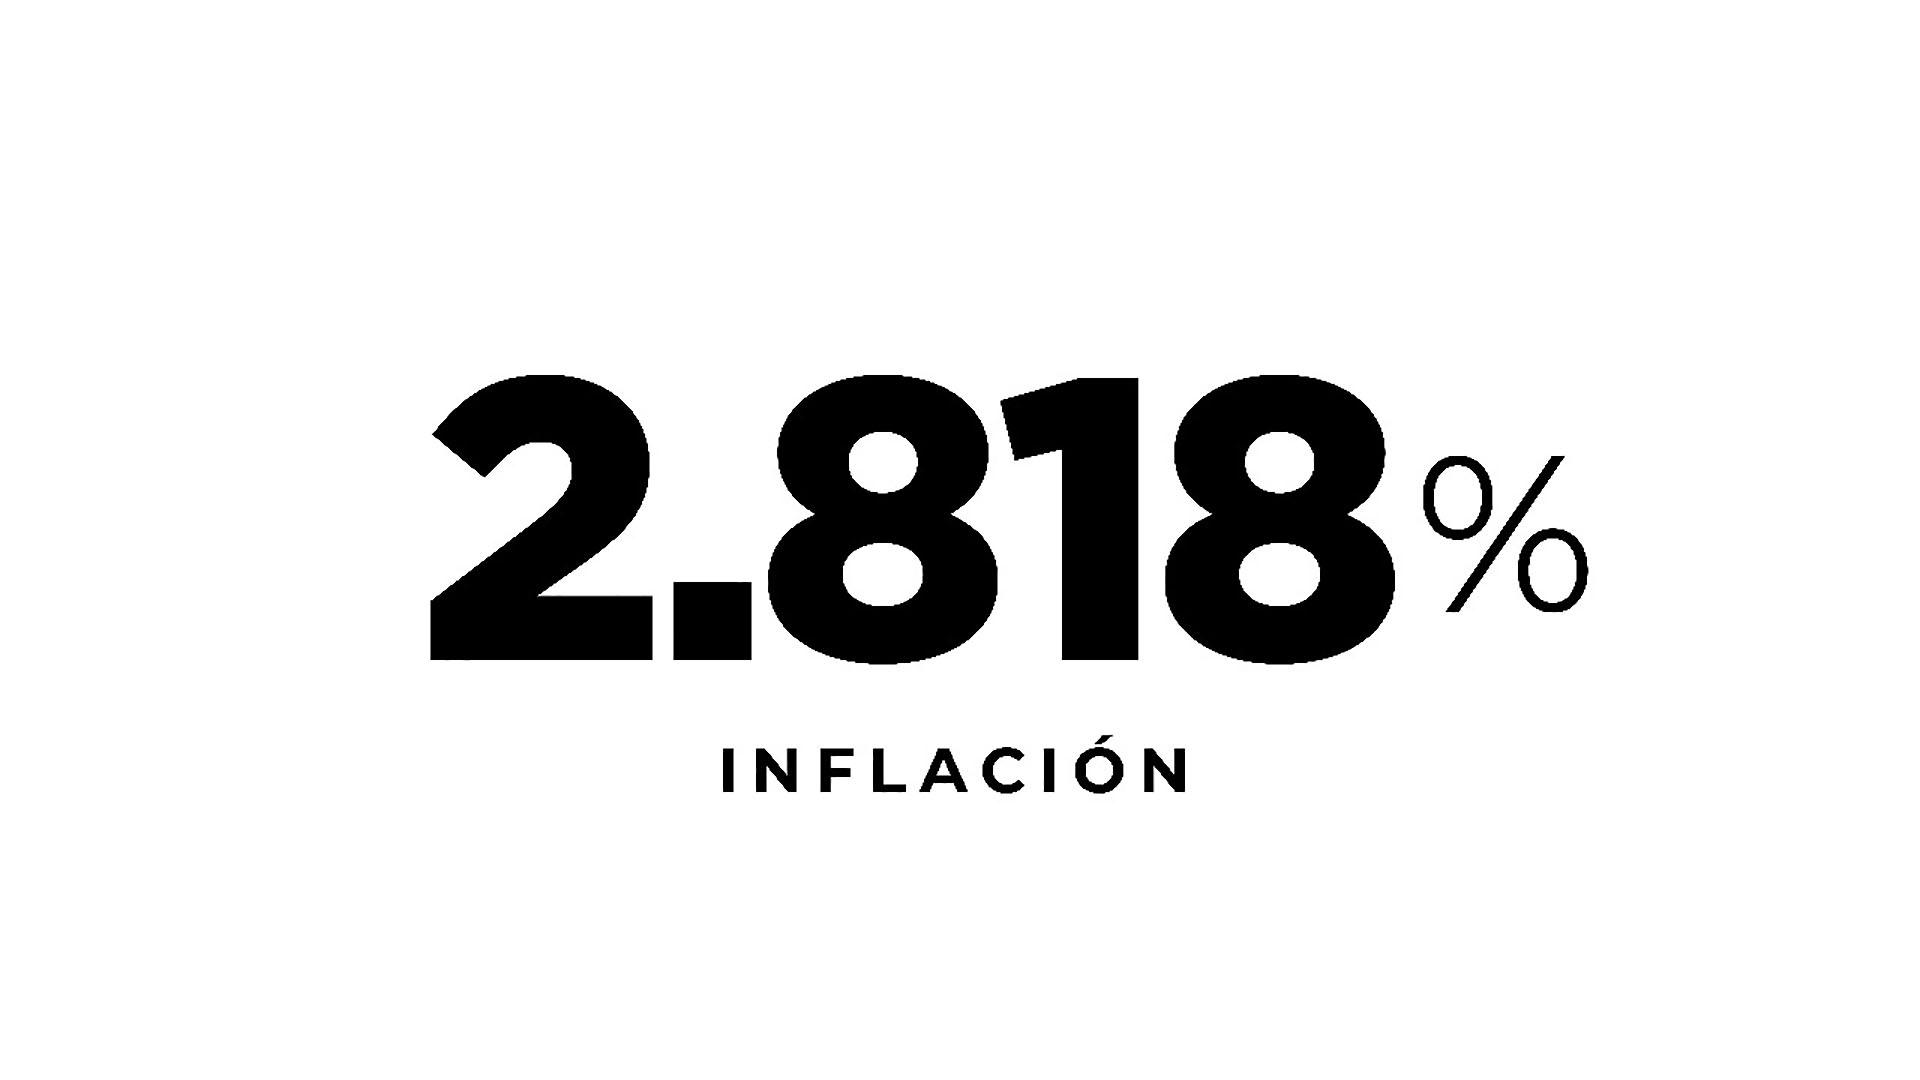 Dujovne mostró placas en el discurso que realizó en el CCK. Esta fue la inflación de Venezuela en el 2017